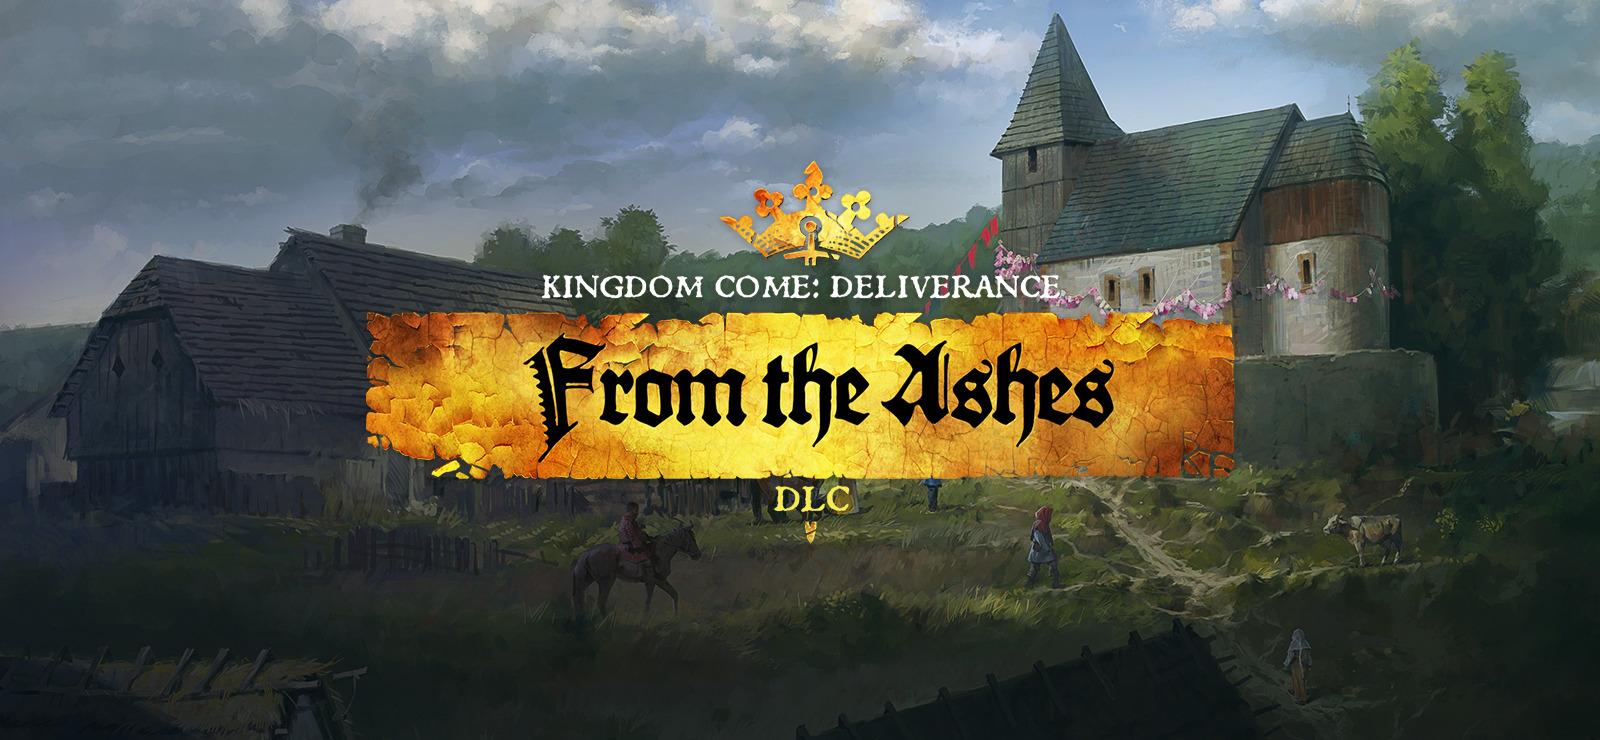 kingdom come deliverance download size steam